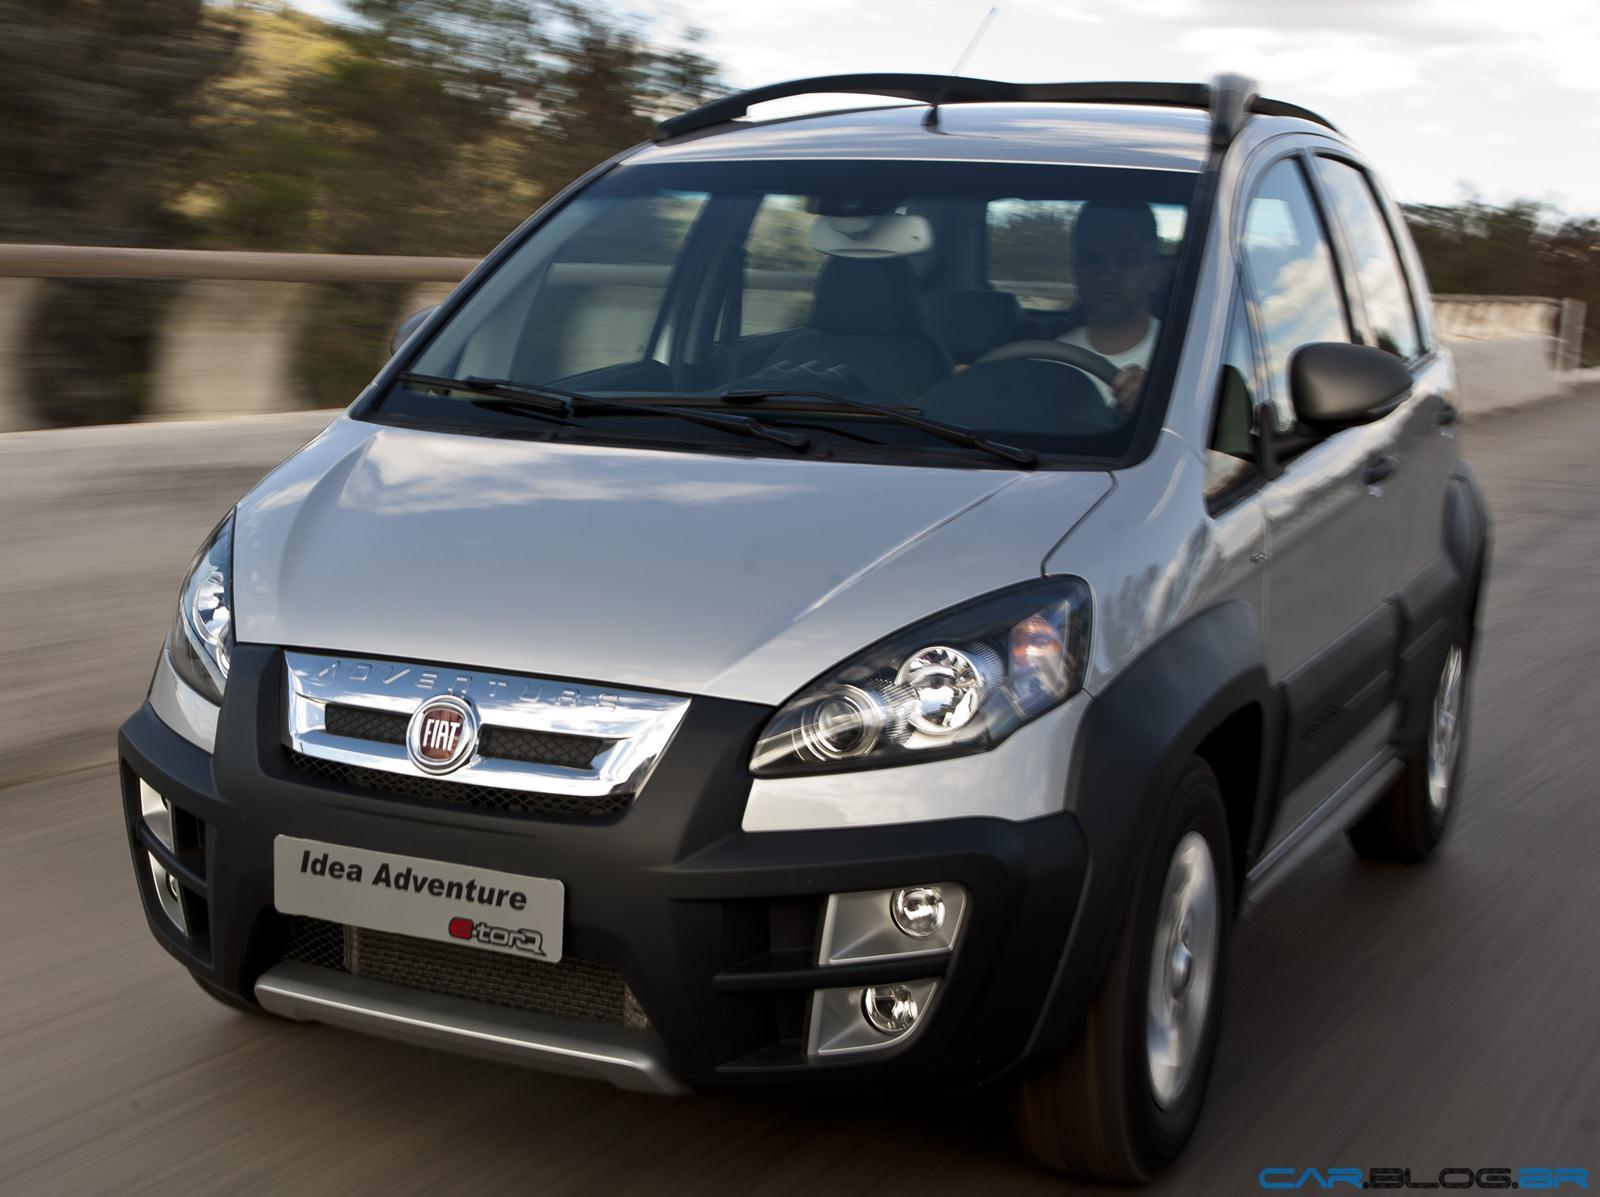 Auto blog modelos de carros da fiat variados for Fiat idea 2013 precio argentina